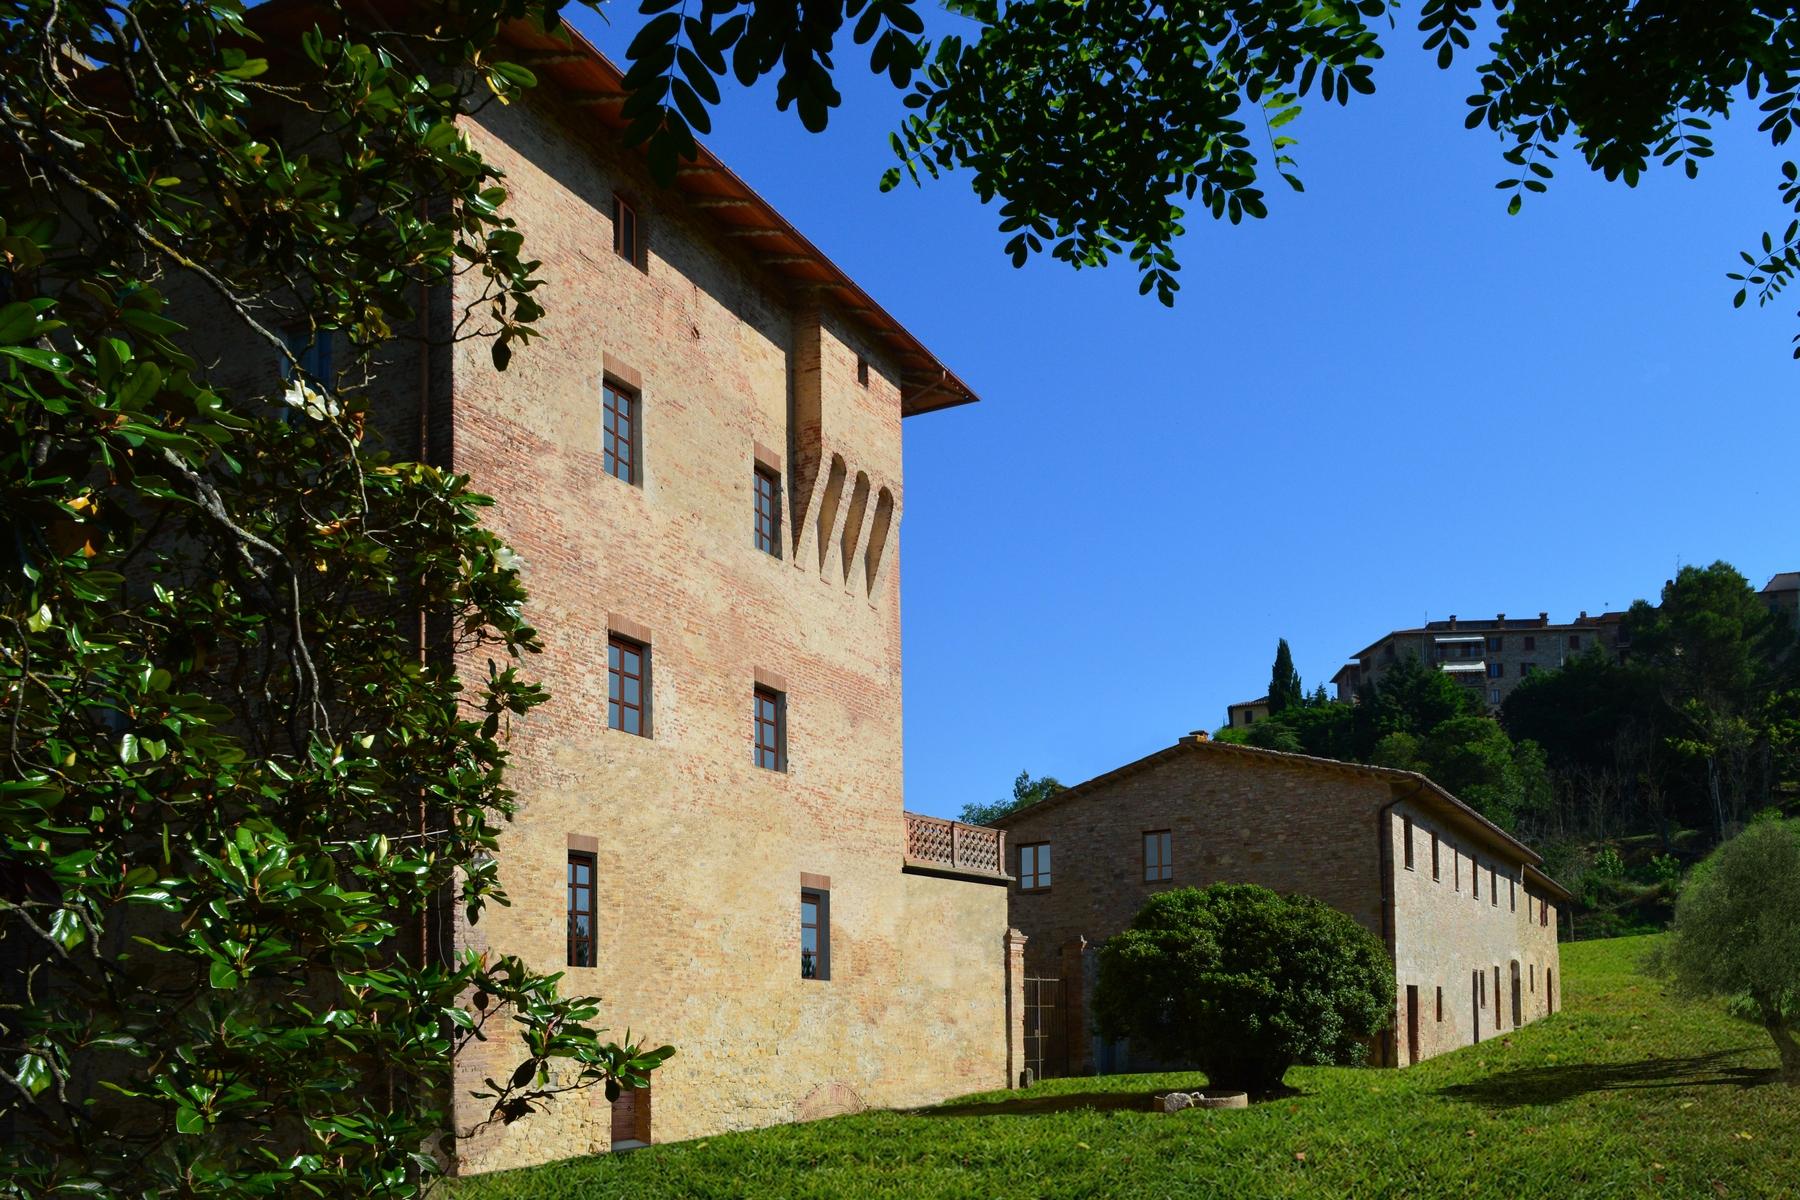 Rustico in Vendita a Marsciano: 5 locali, 1500 mq - Foto 5